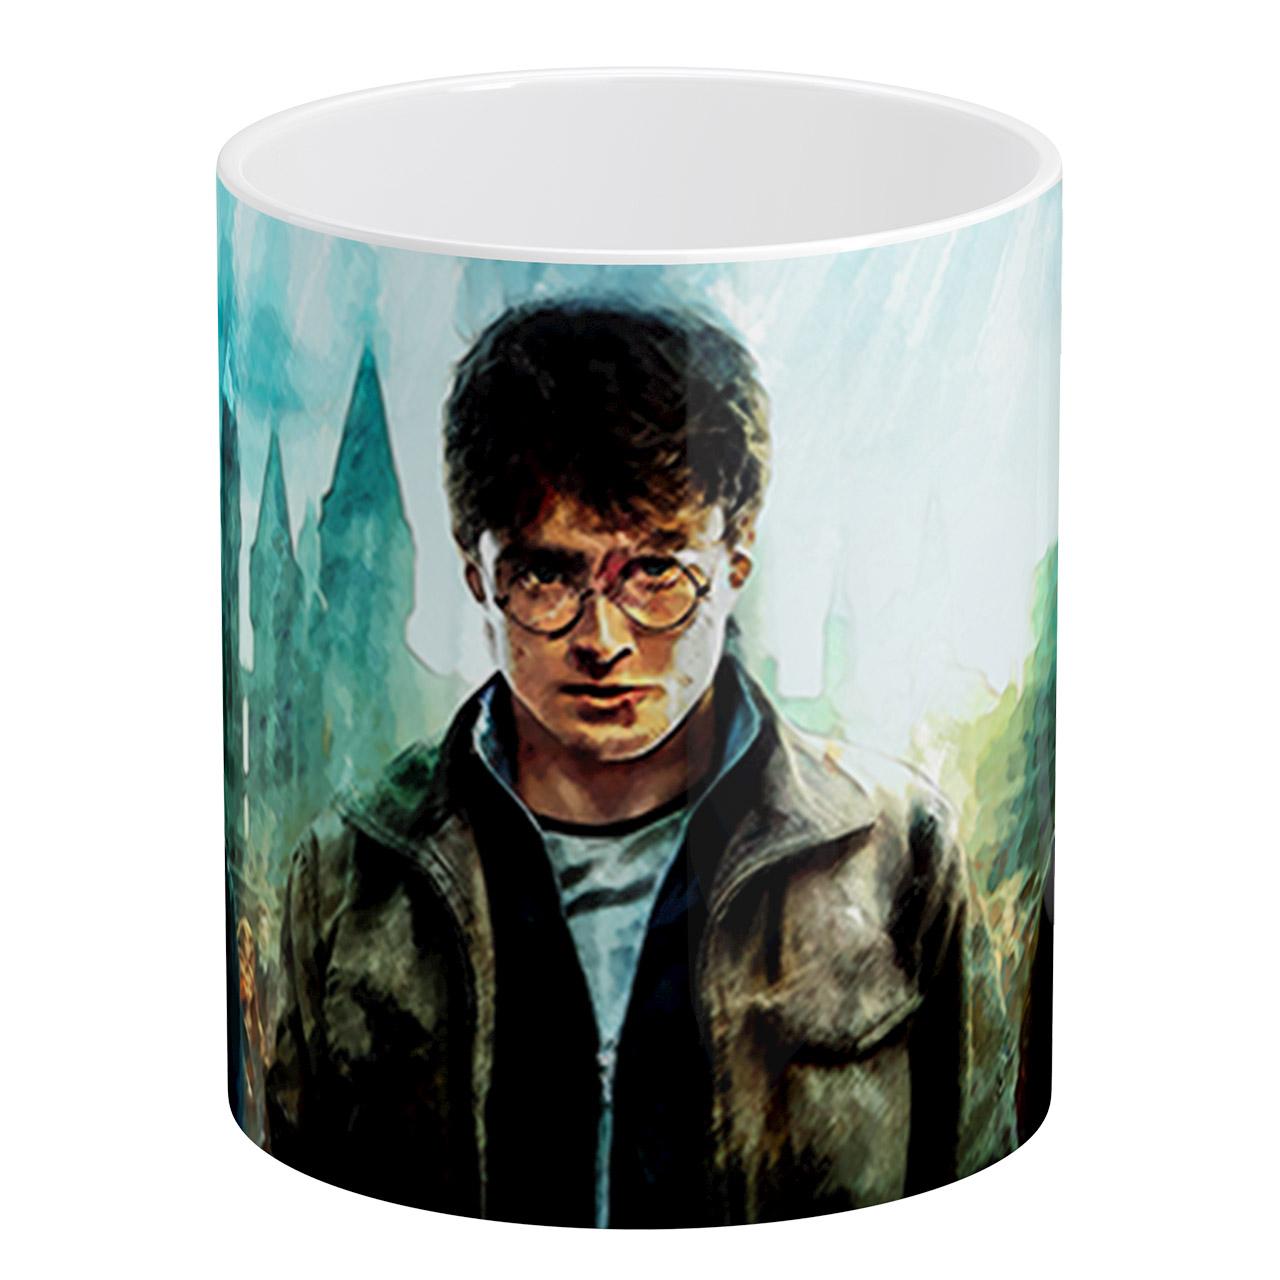 ماگ آبنبات رنگی طرح هری پاتر Harry Potter کد AR0767